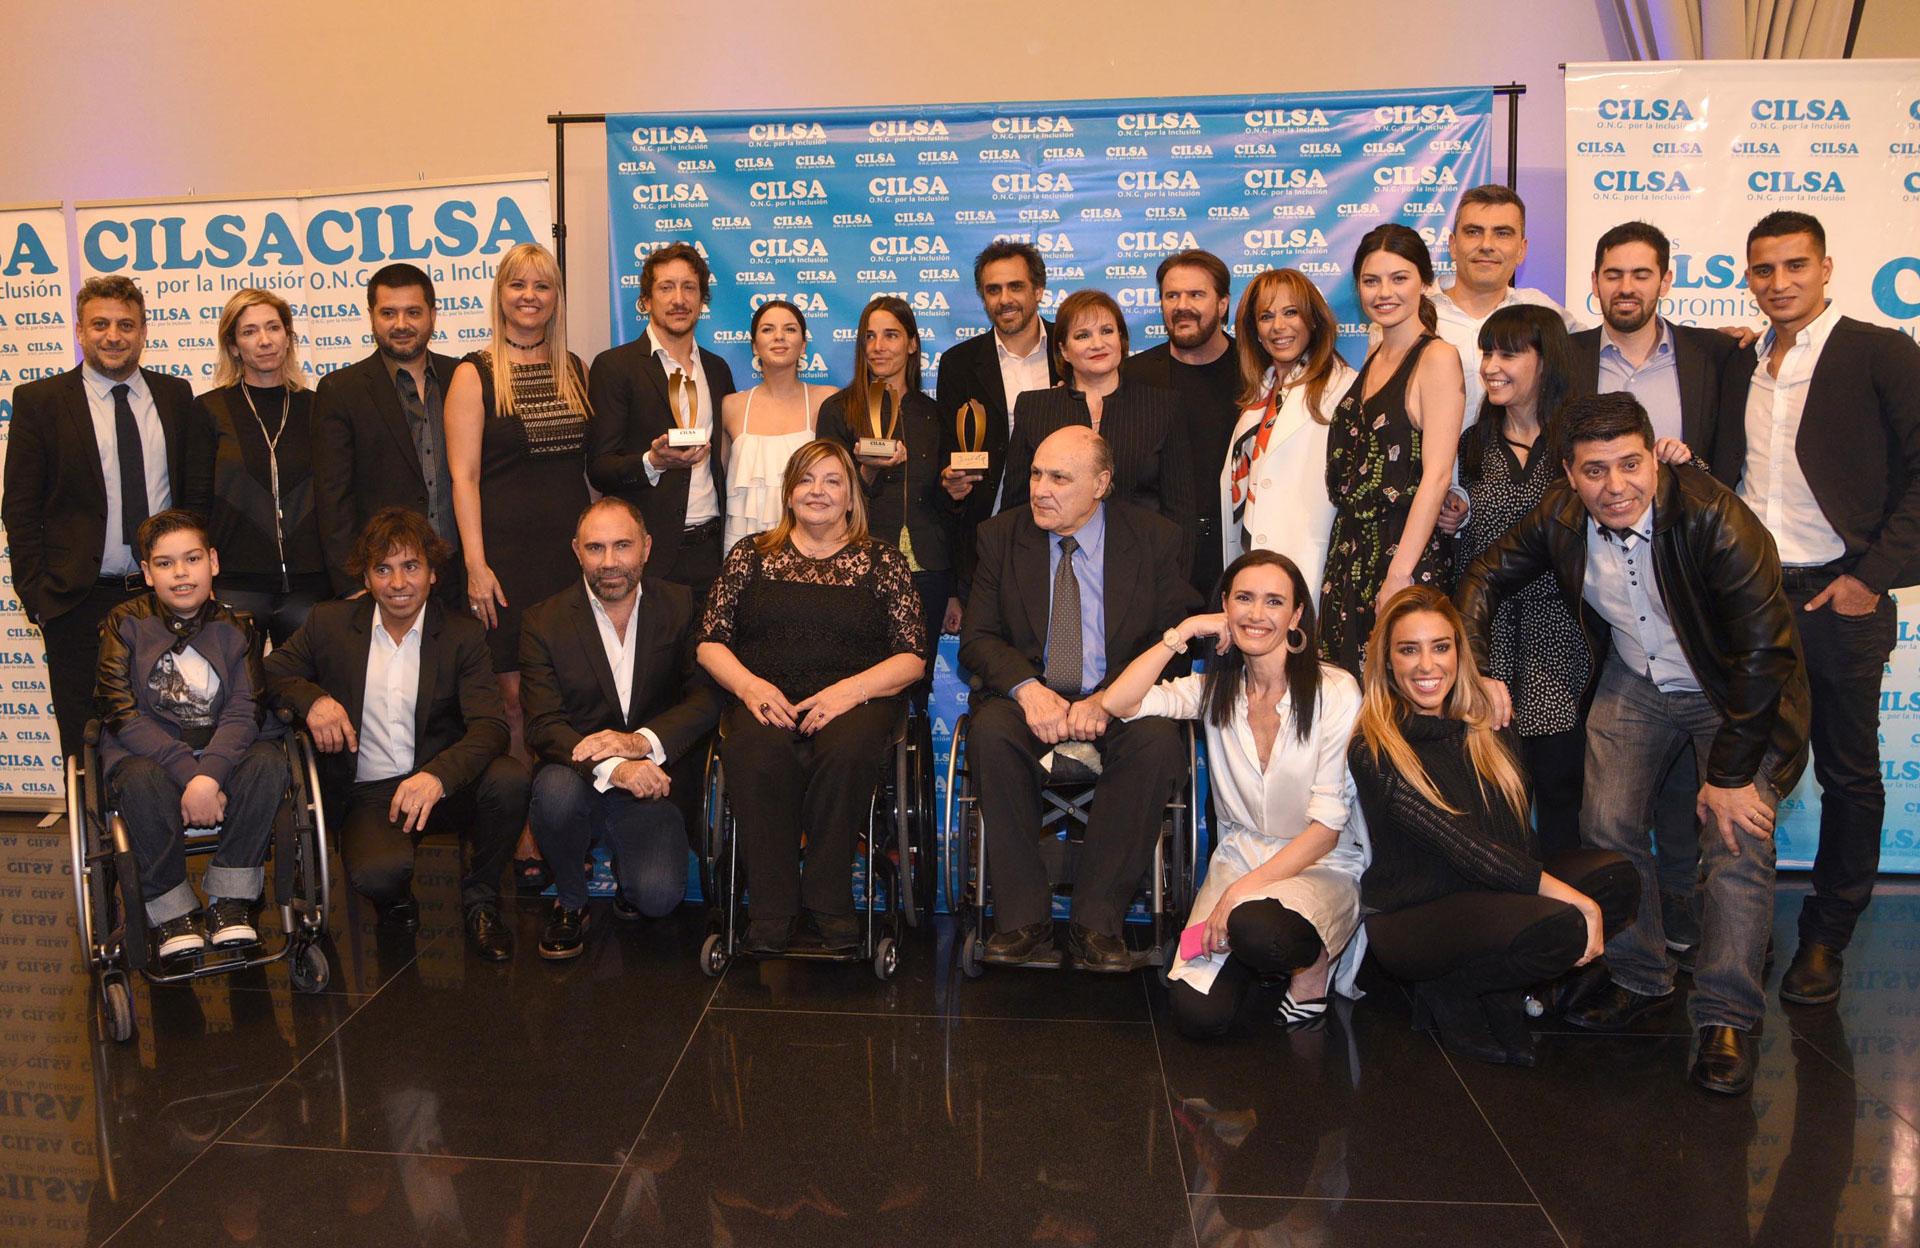 CILSA realizó la gala de los Premios al Compromiso Social. Fueron reconocidos Lucía y Joaquín Galán, Juana Viale, Nico Vázquez, Mariana Fabbiani e Iliana Calabró, entre otros (Teleshow)